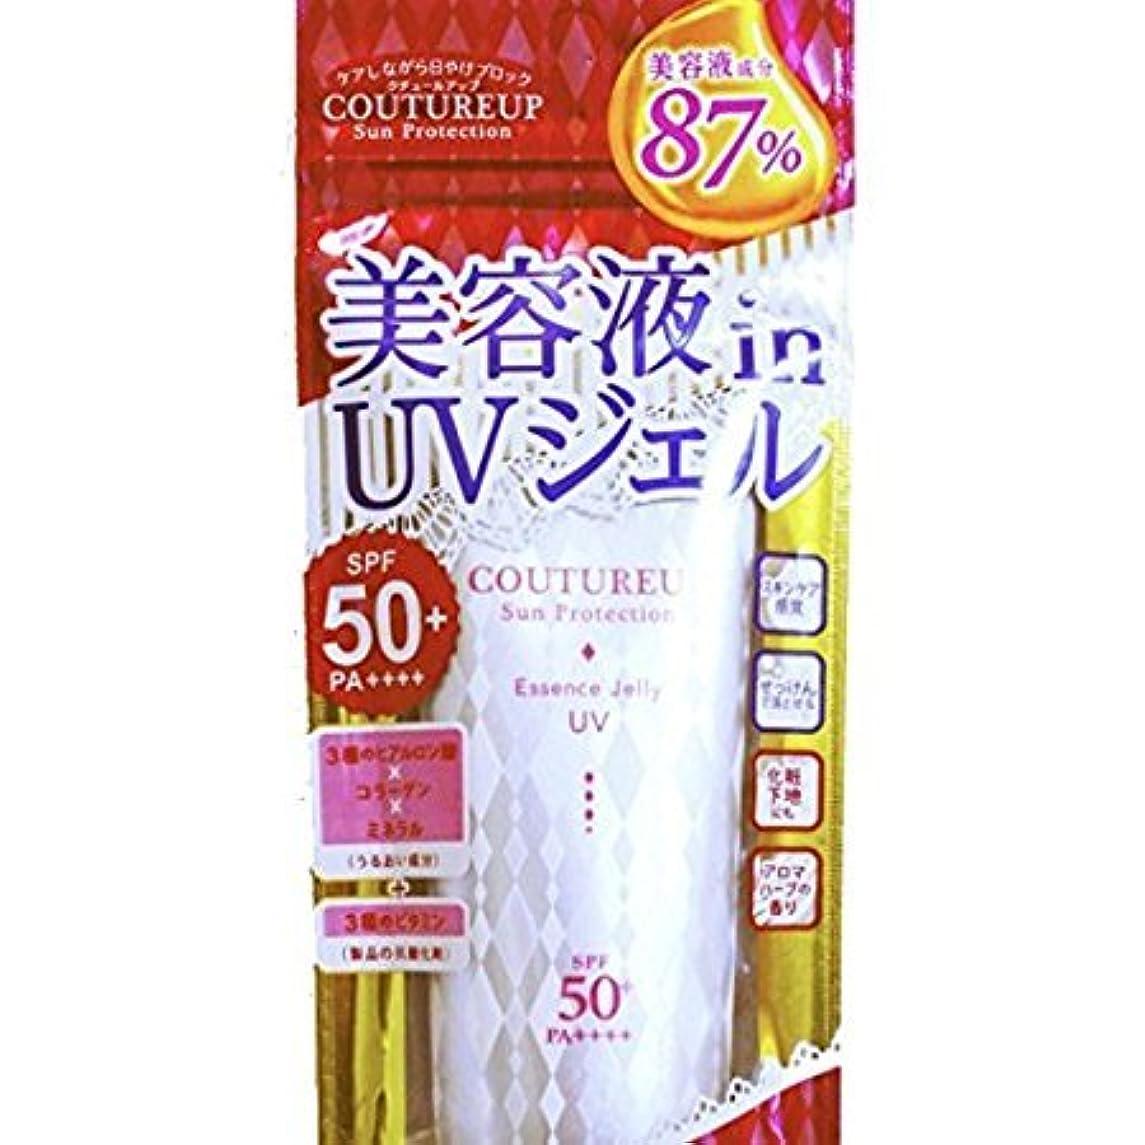 効果的寄託潜む美容液 in UVジェル SPF50+/PA++++ 65g 美容液成分87% 日焼け止め&化粧下地